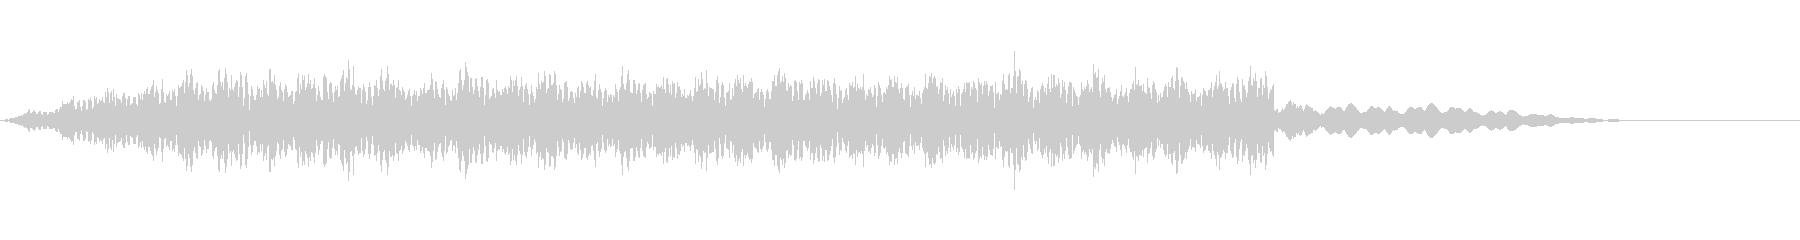 近未来なサウンド02の未再生の波形